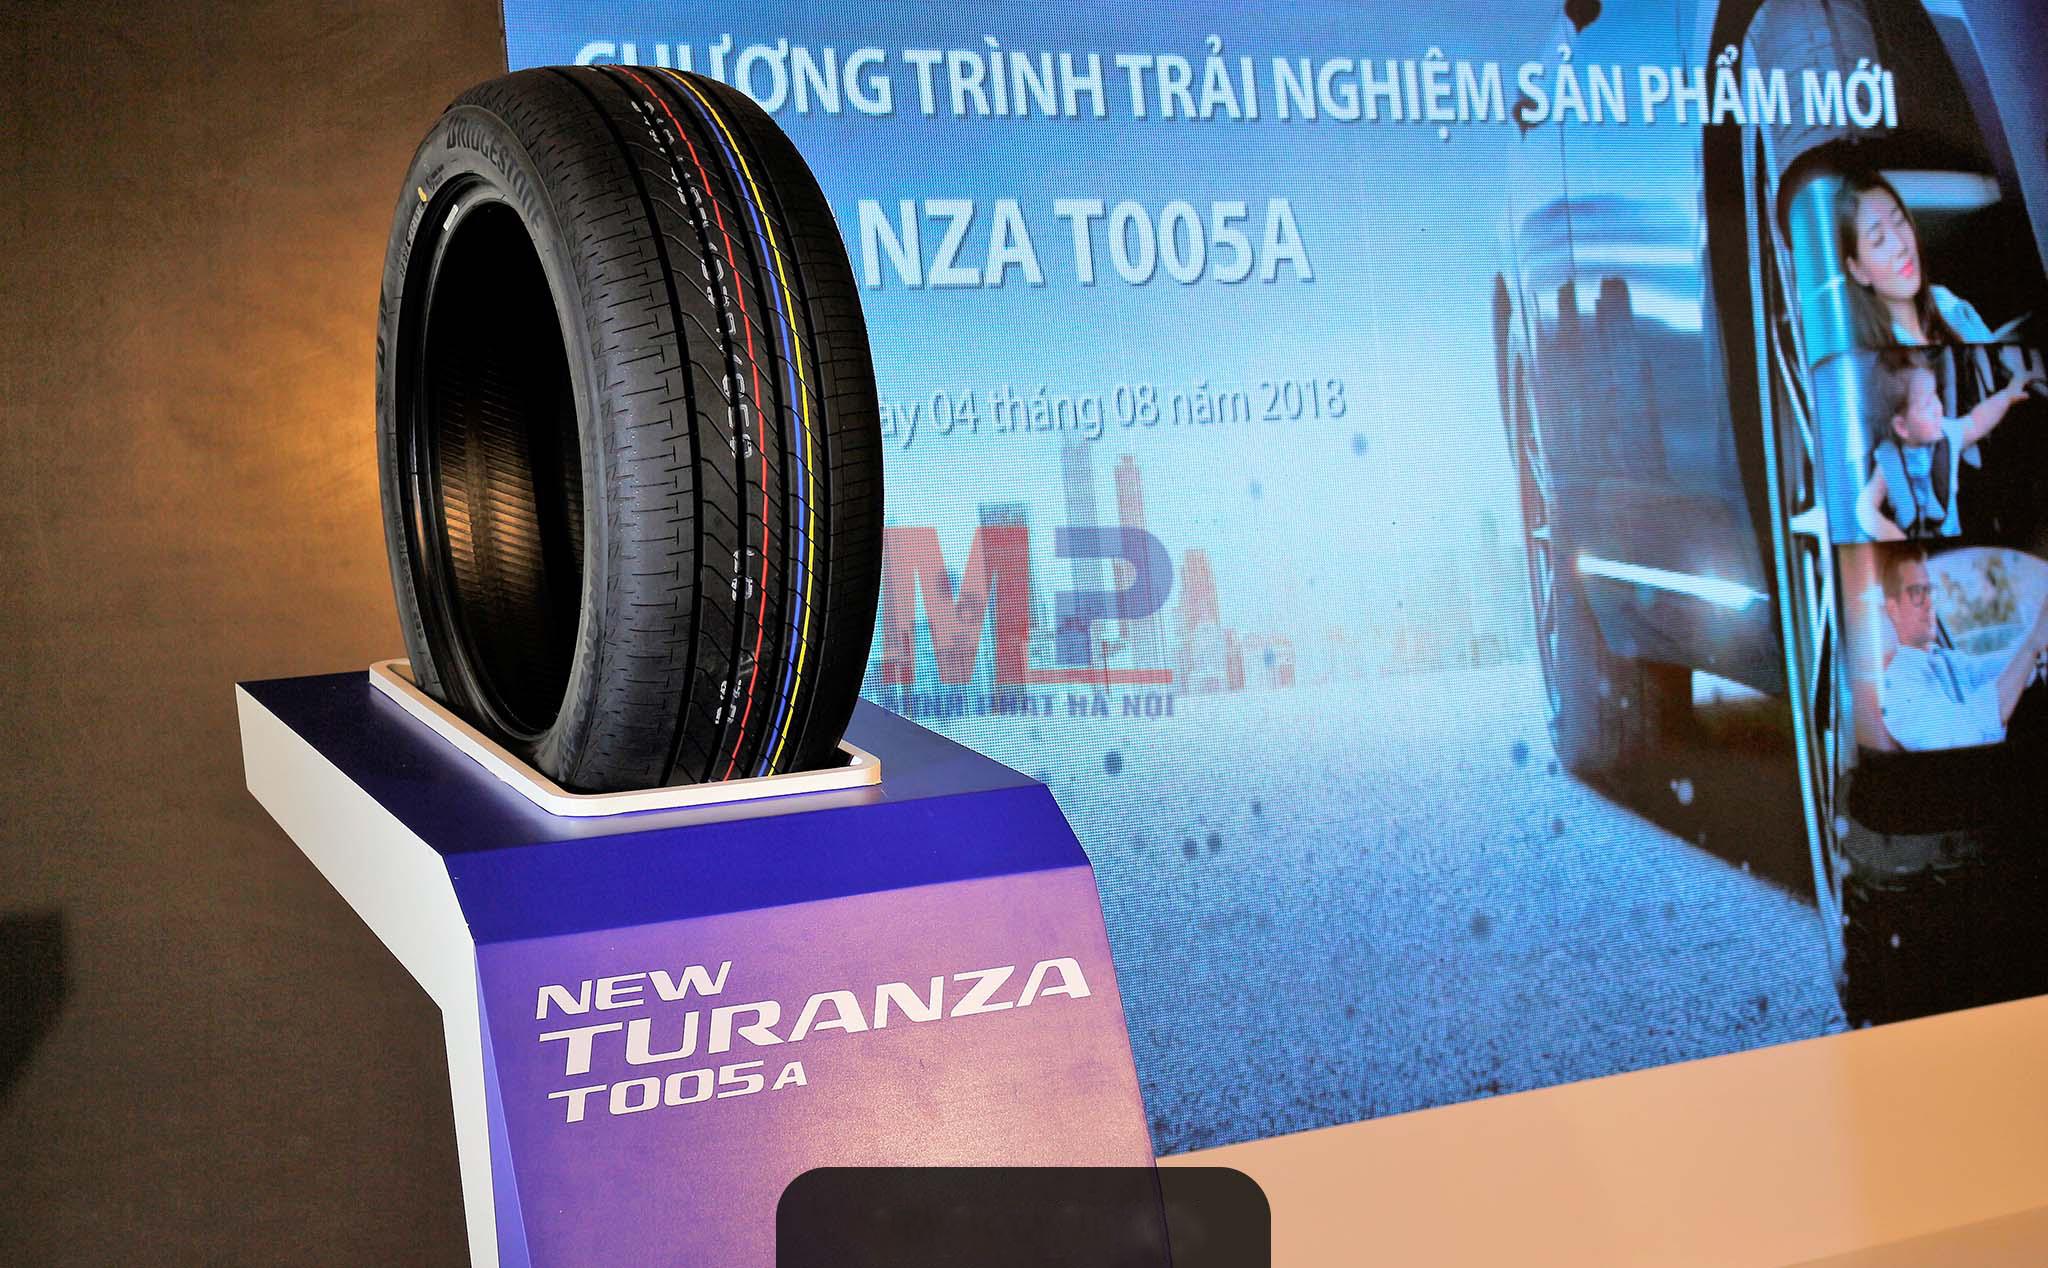 Lốp xe Bridgestone Turanza T005a có thực sự êm như lời đồn.